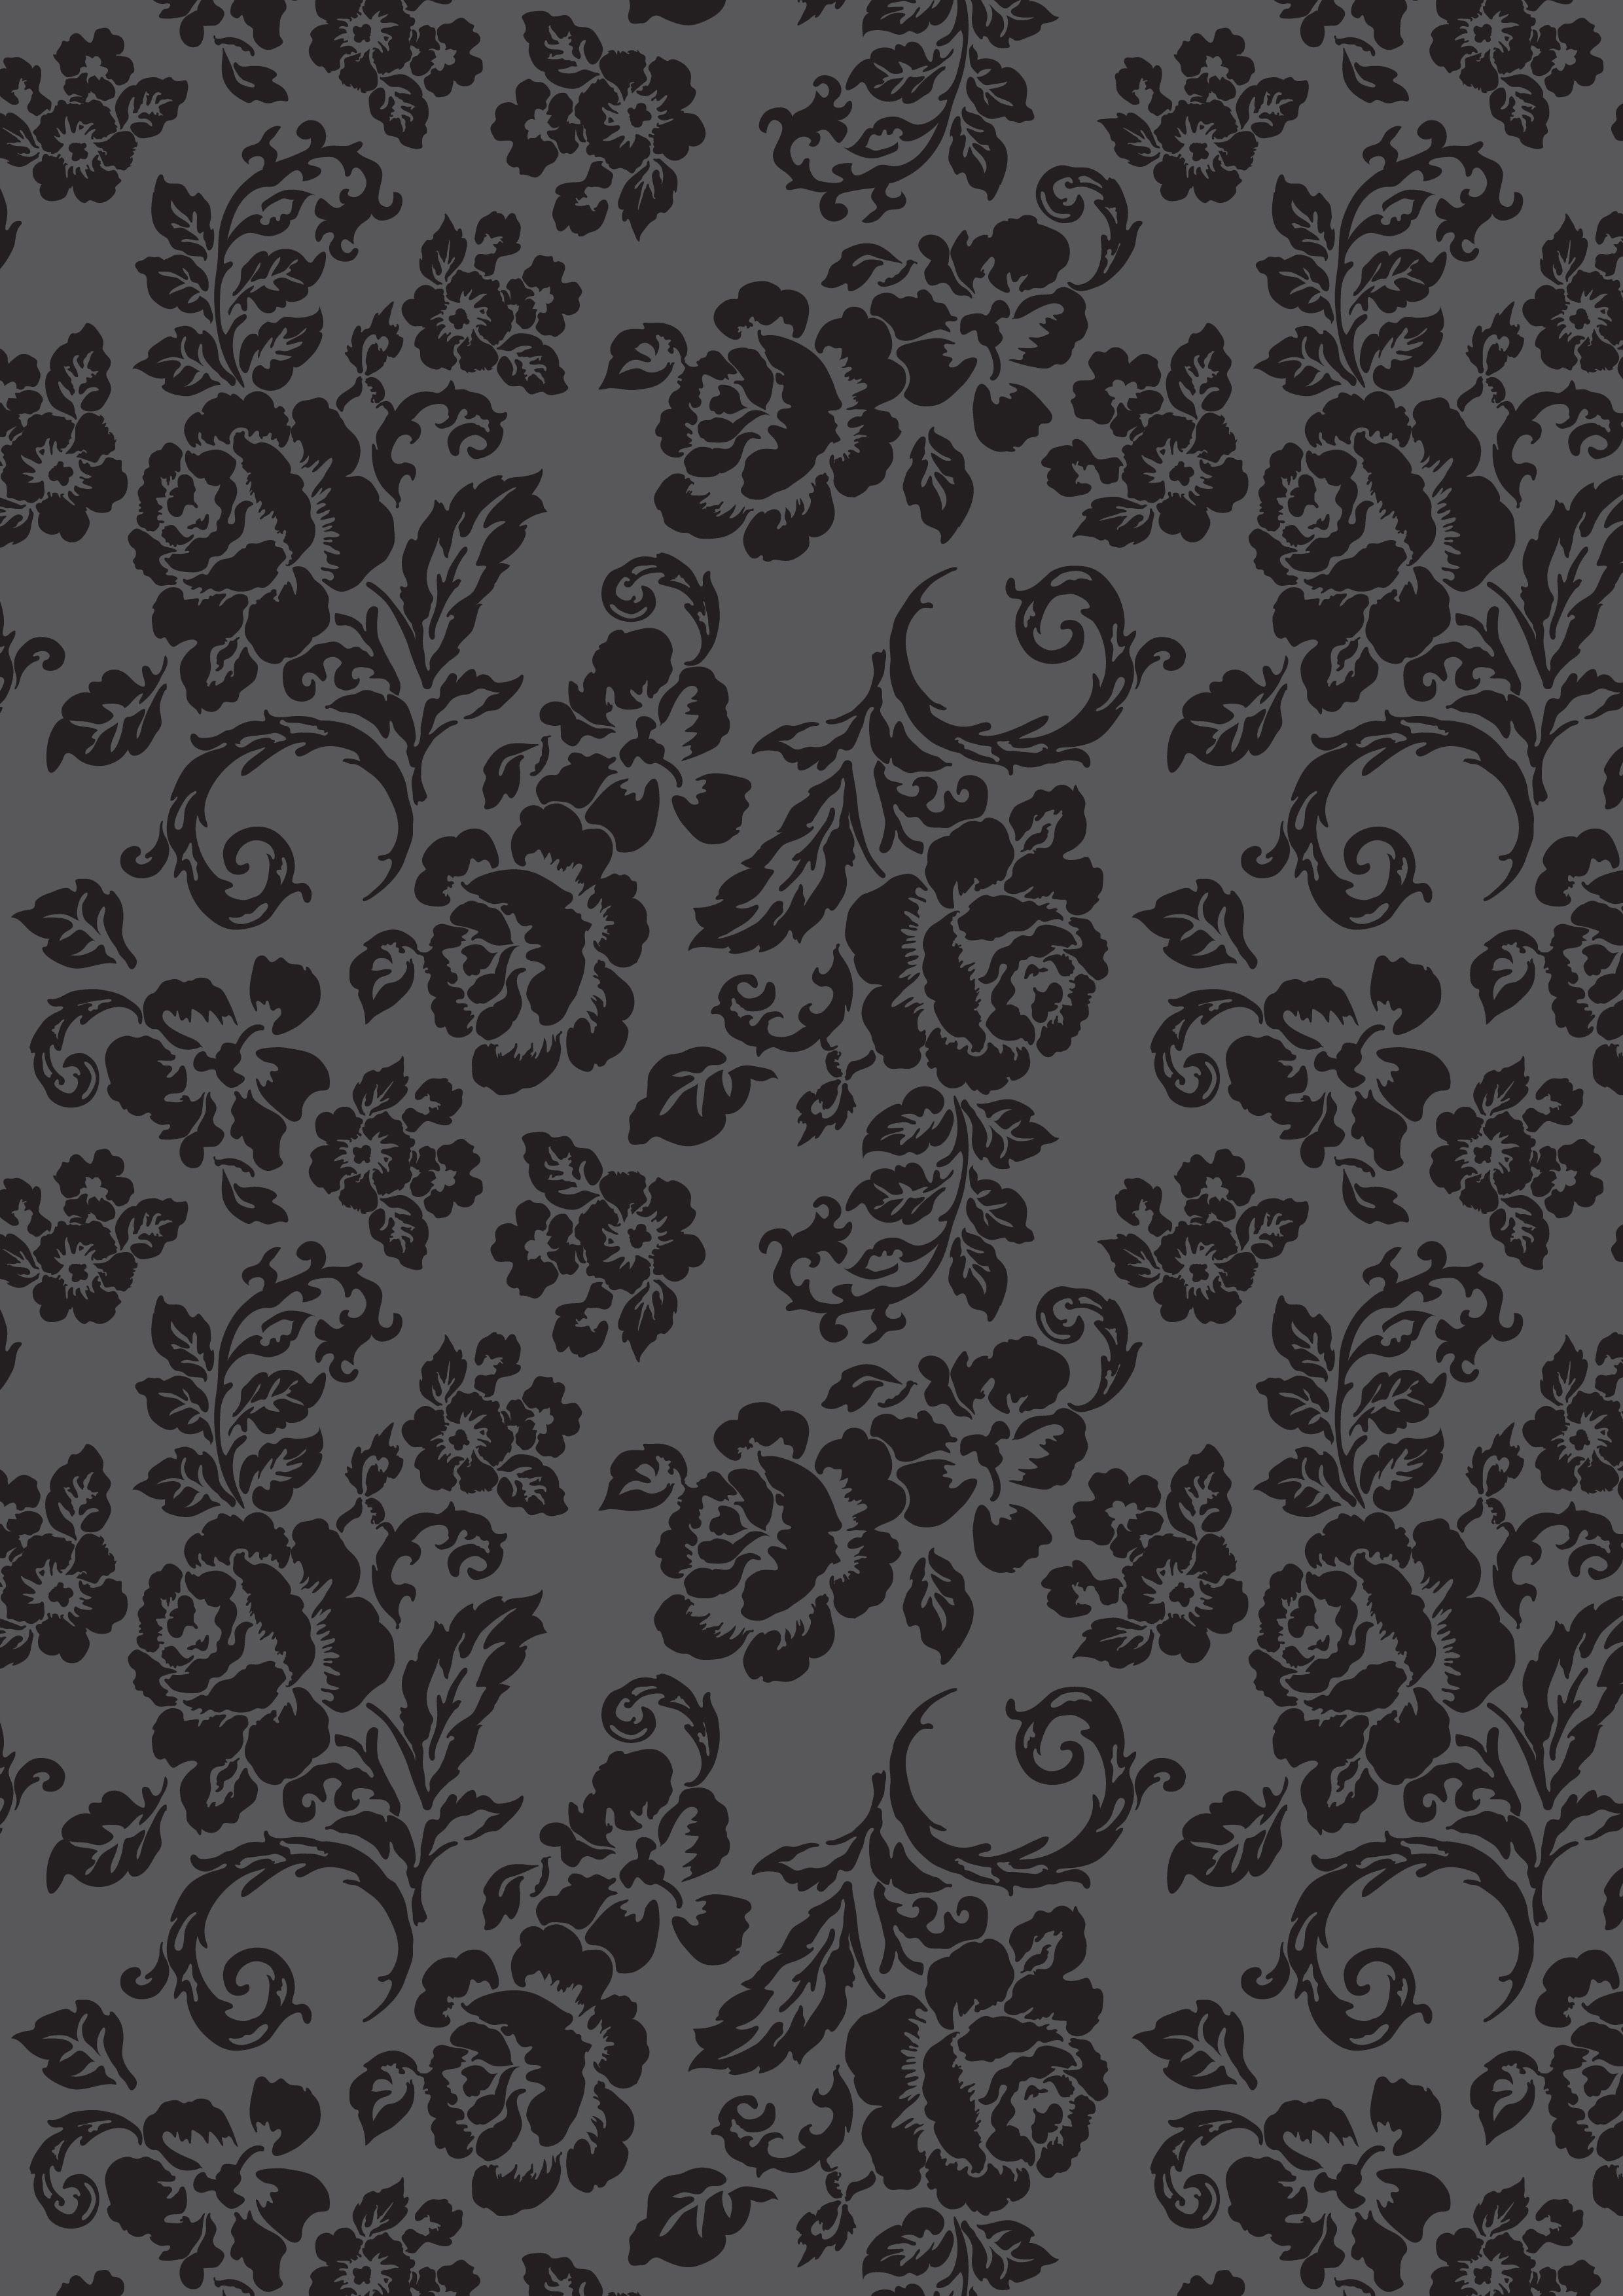 Black floral rose pattern on dark grey. Print for